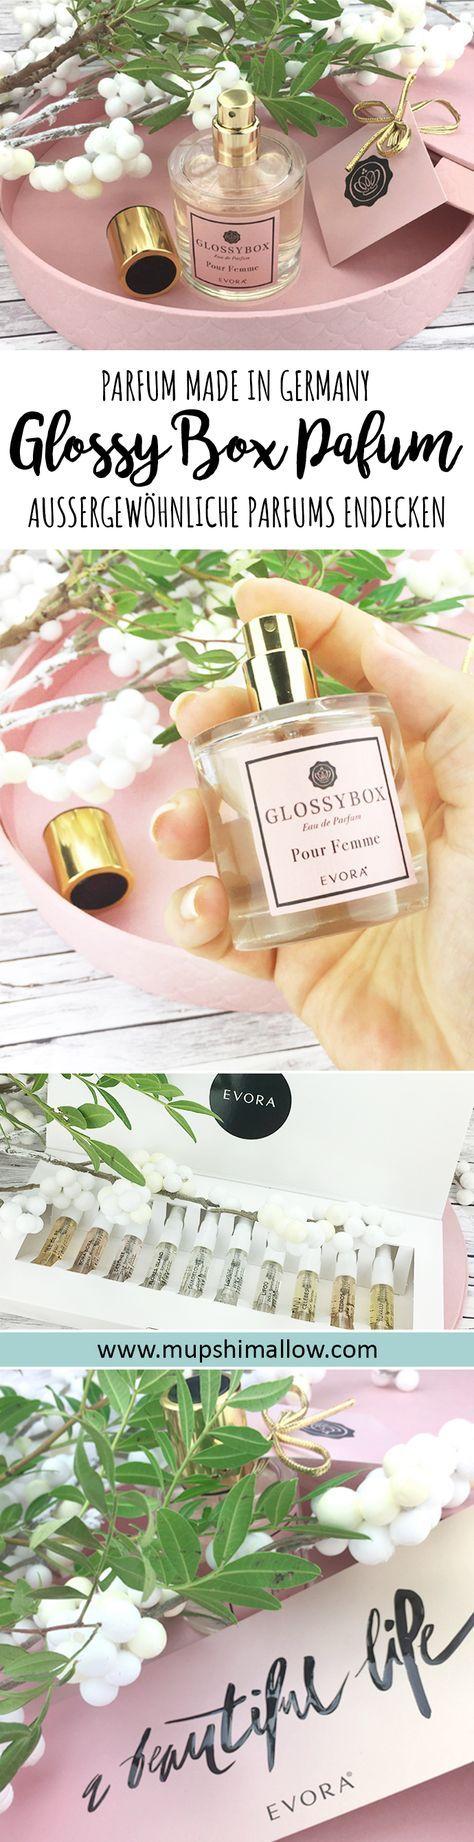 Mein neuer Duft Liebling, das Das GlossyBox Parfum by Evora. Denn ein tolles Parfüm muss nicht immer einen großen Marken Namen haben und teuer sein. Klickt hier für meine Produkt Review zum Glossy Box Parfum für Frauen.